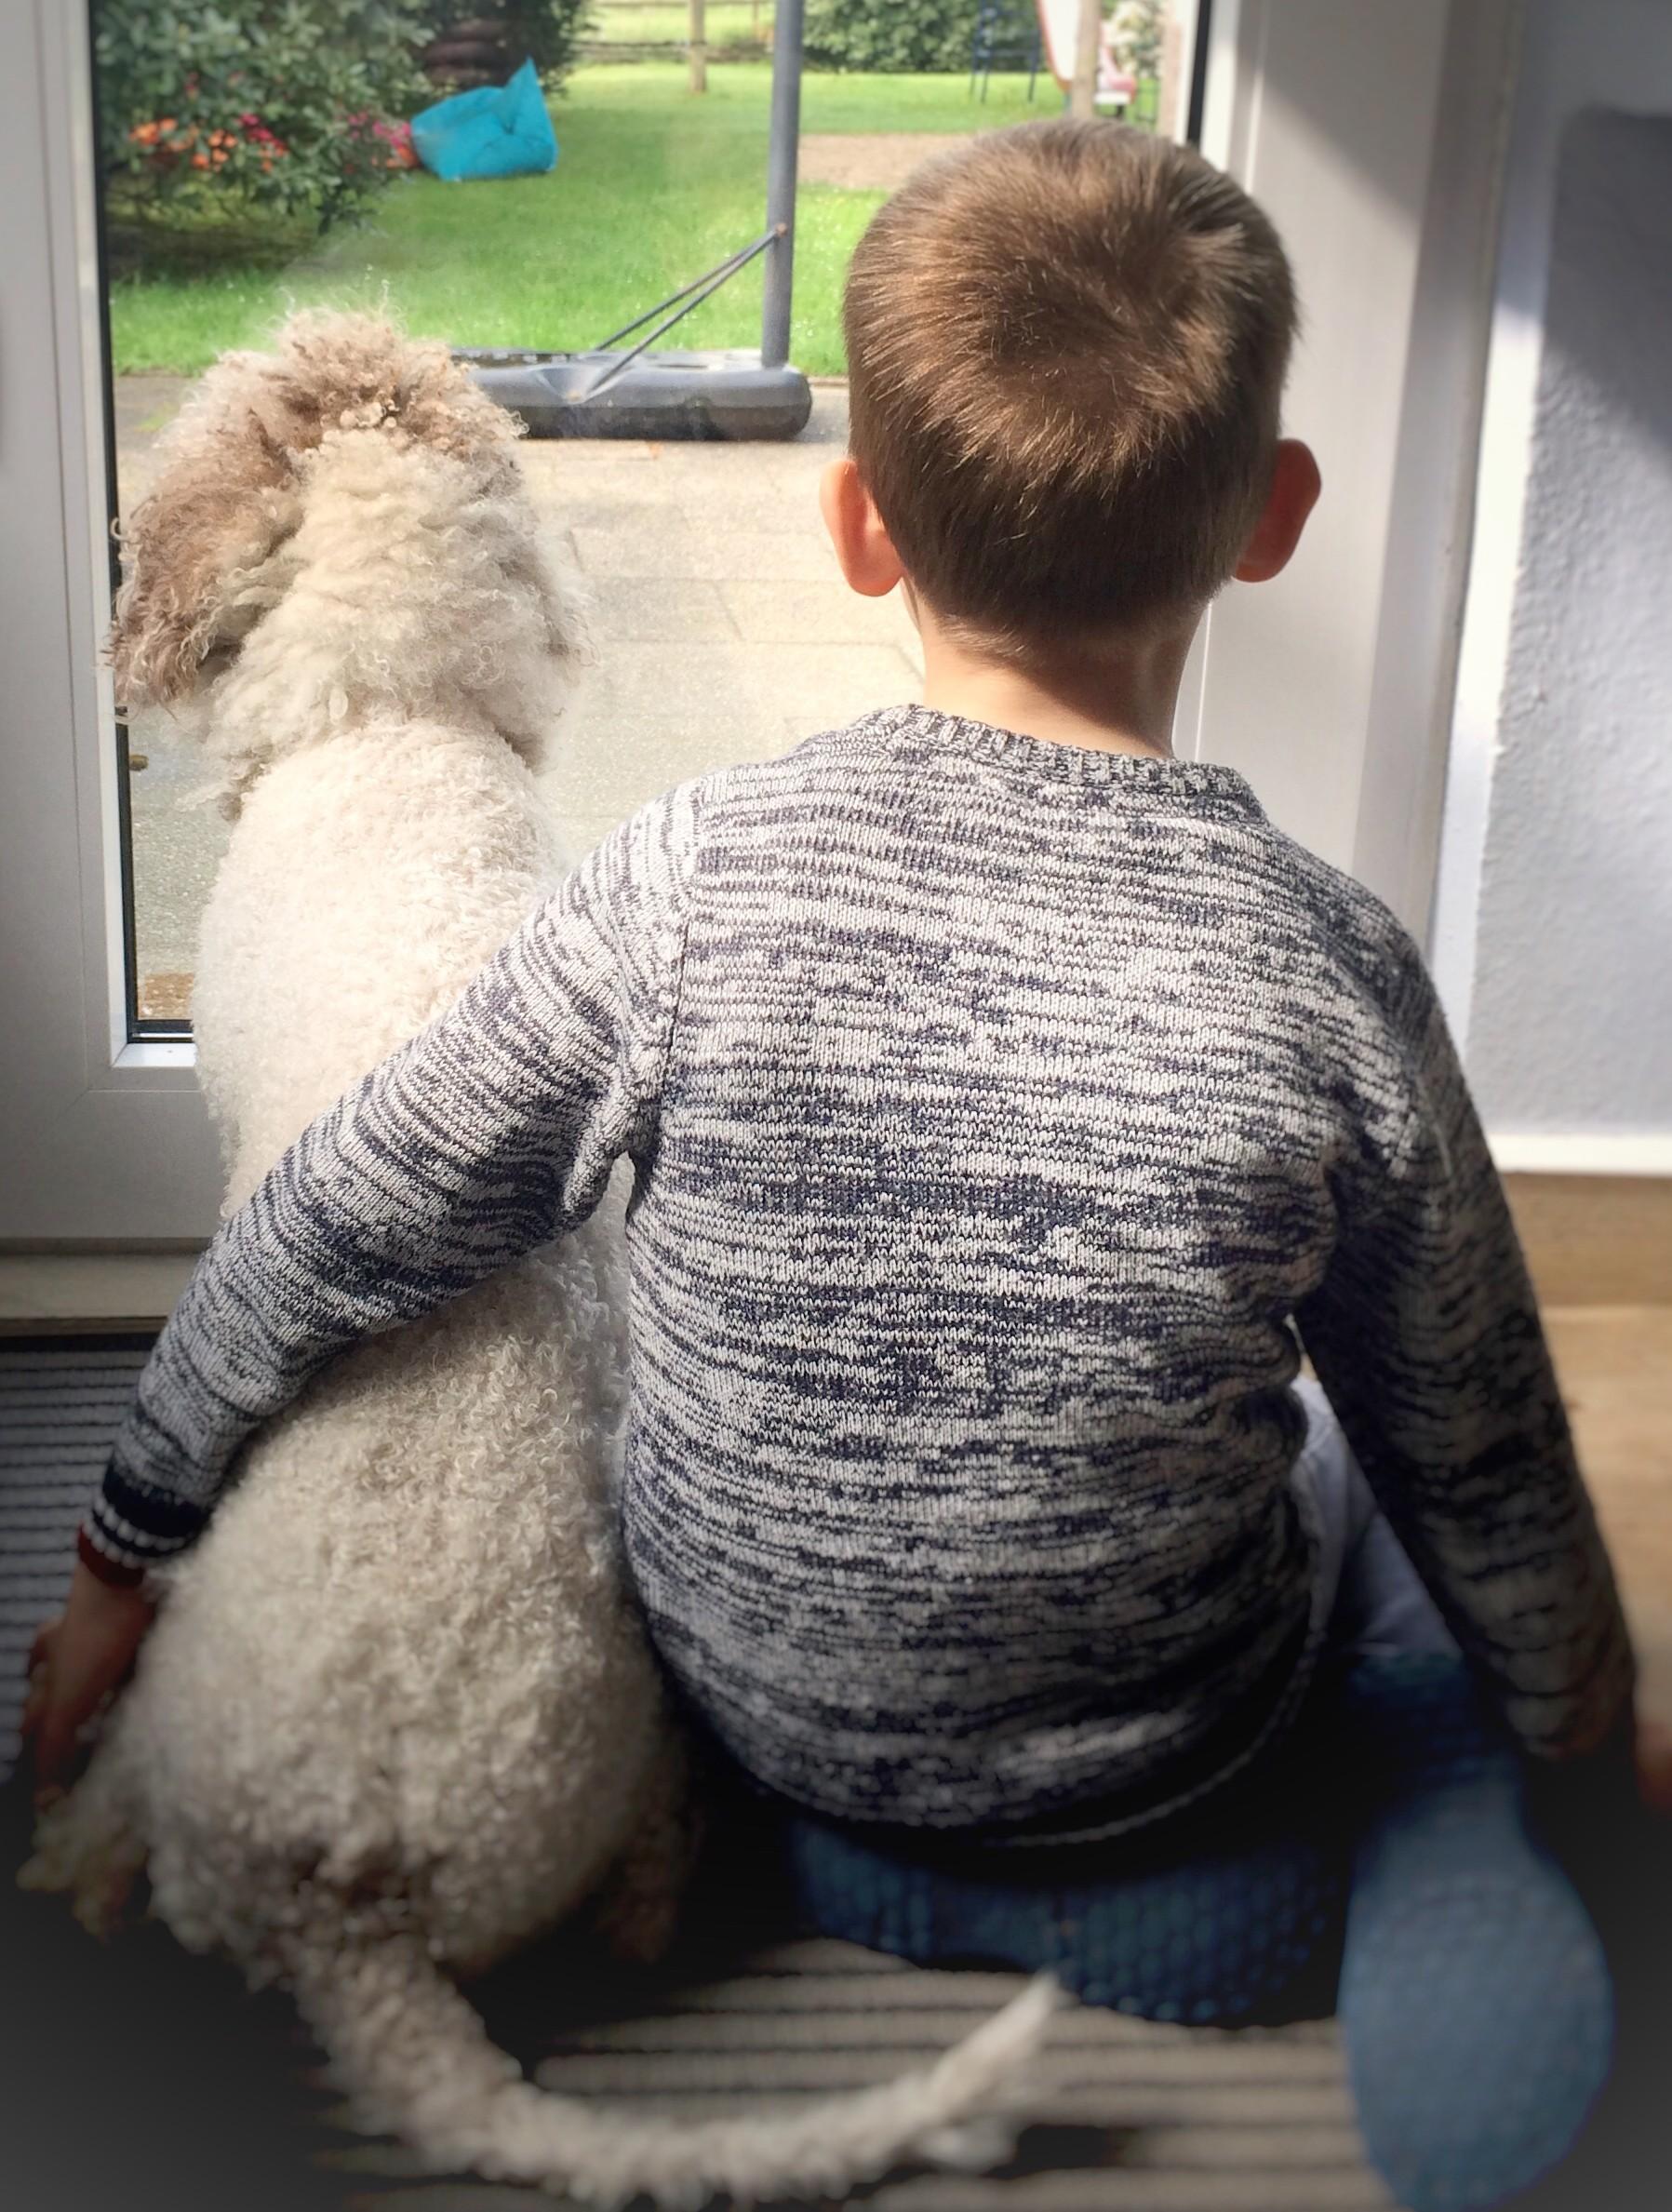 Junge und Hund schauen aus dem Fenster